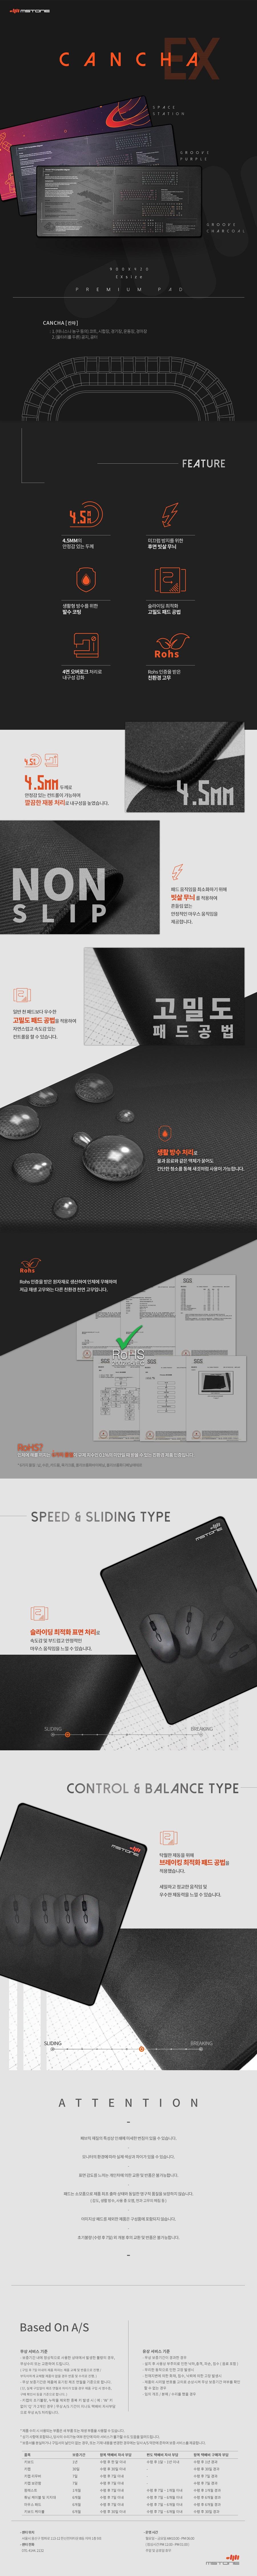 엠스톤글로벌 mStone CANCHA EX PAD(SPACE STATION)